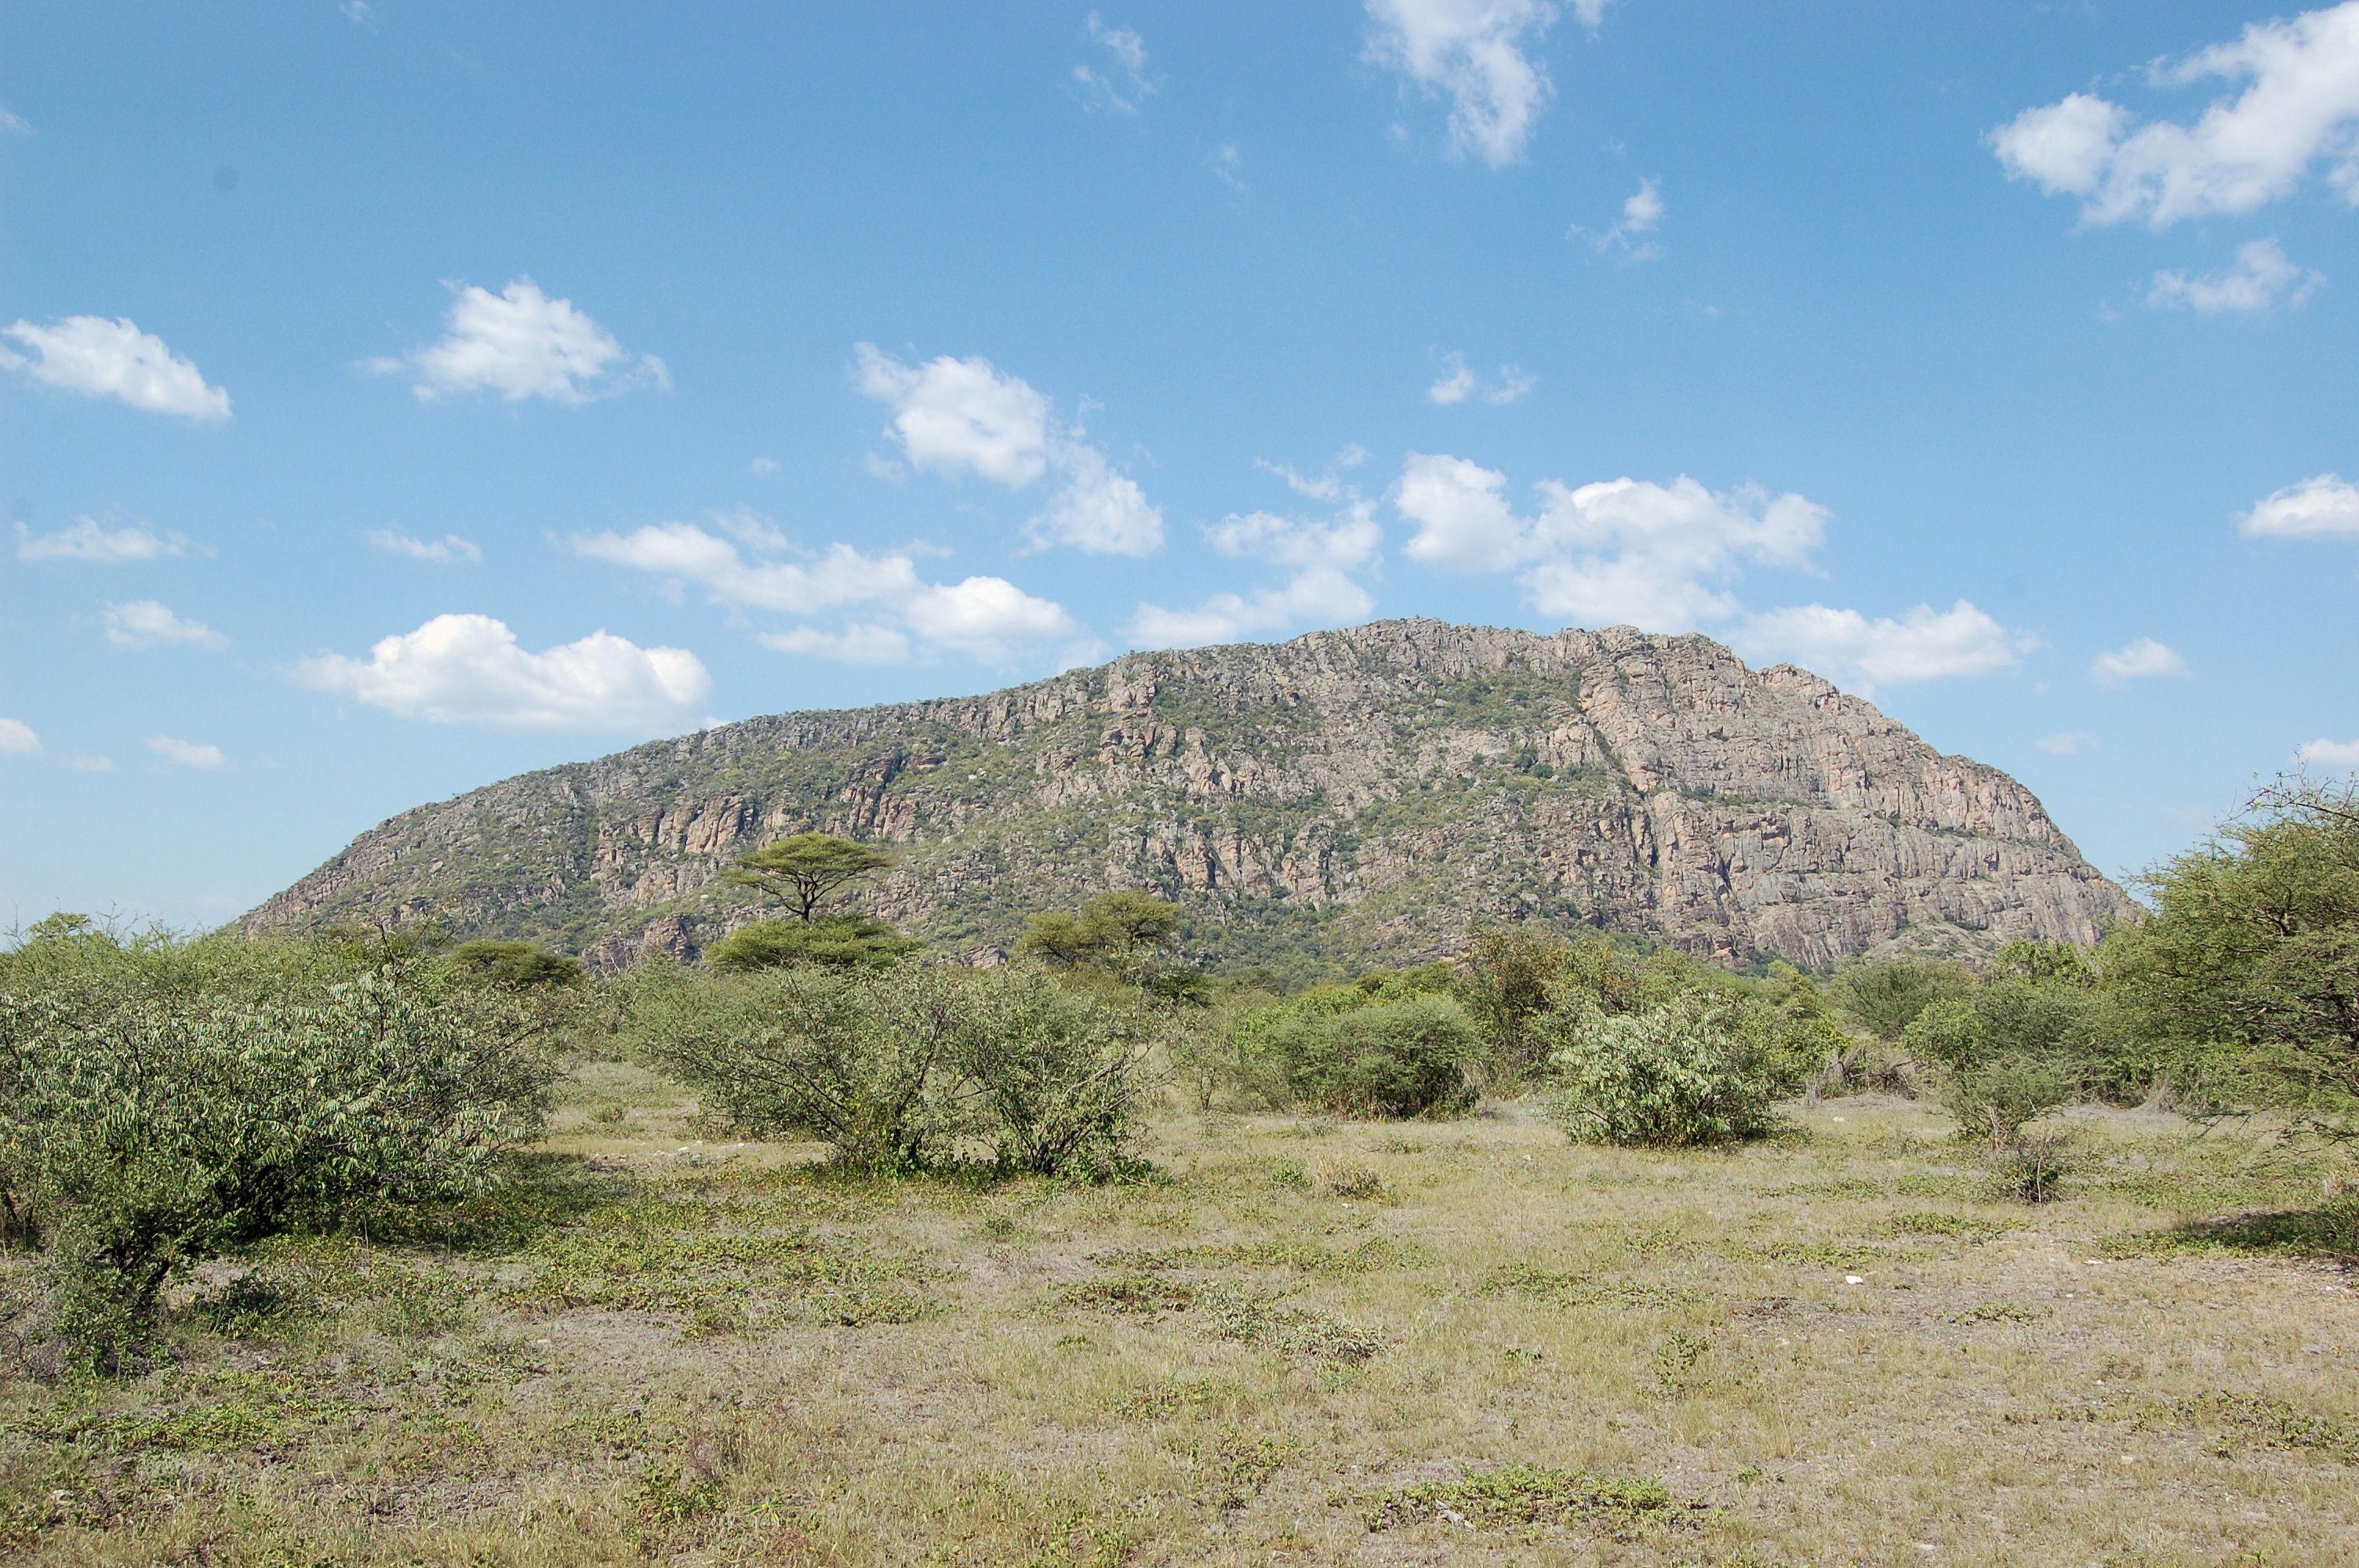 Tsodilo åsene i Botswana